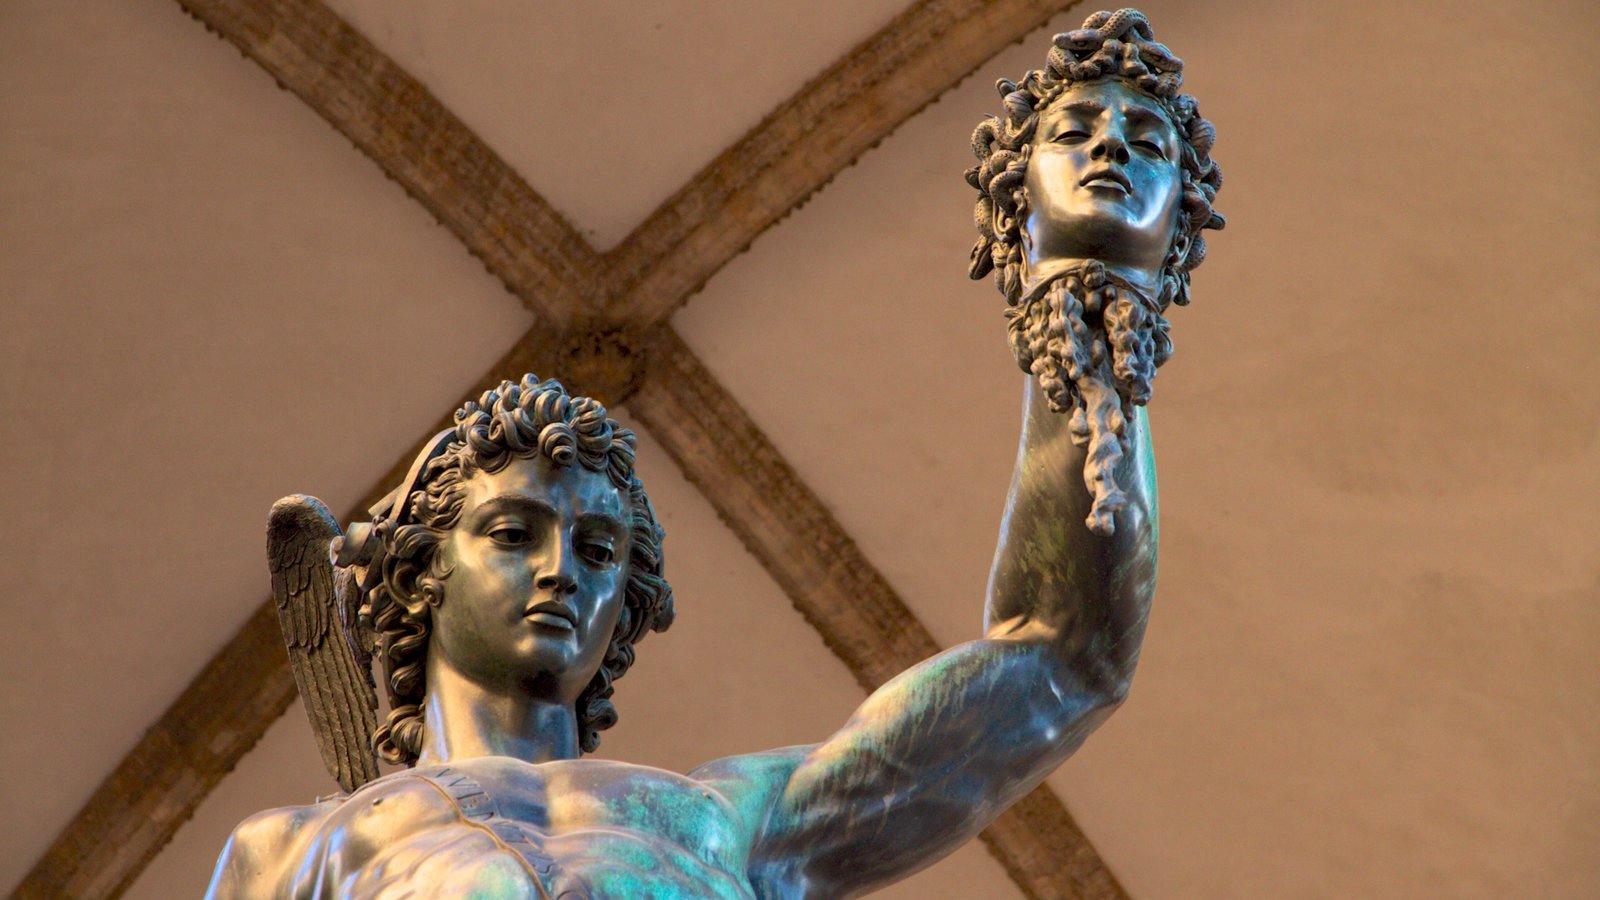 Galleria degli Uffizi mostrando arte, vistas internas e uma estátua ou escultura